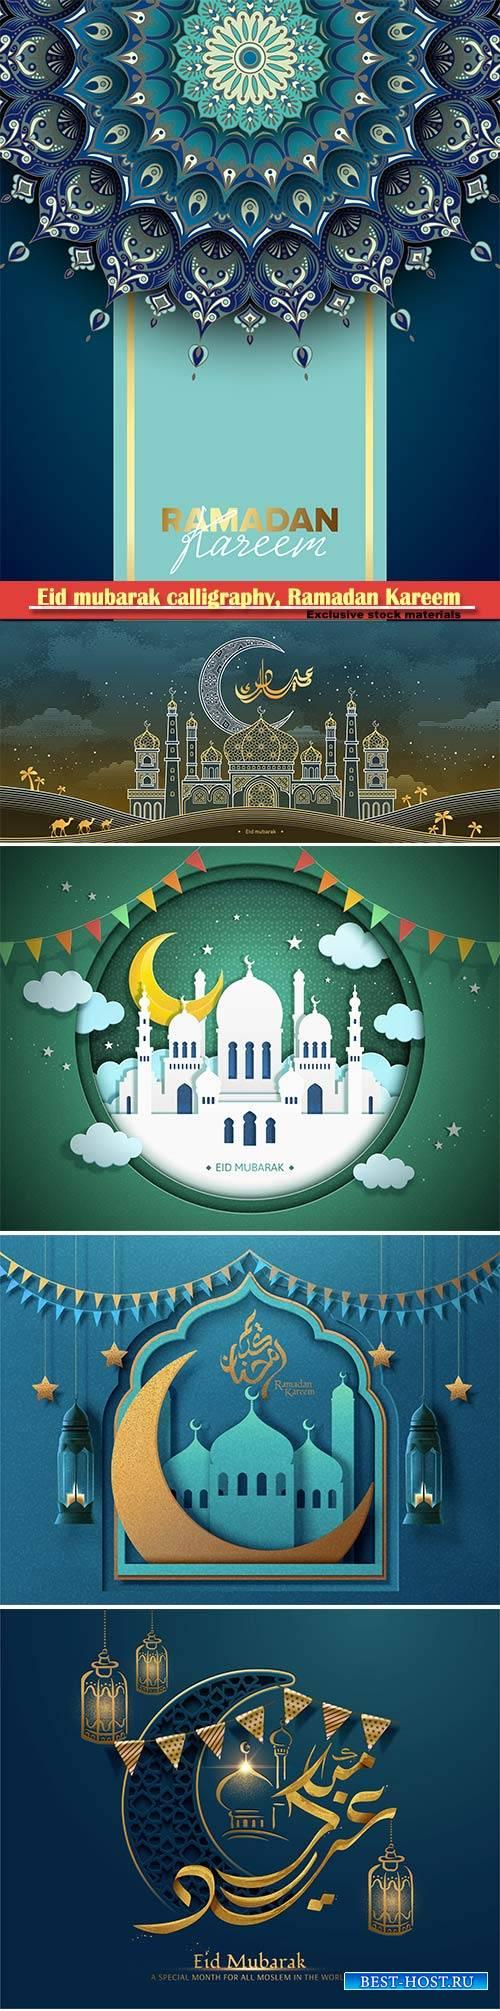 Eid mubarak calligraphy, Ramadan Kareem vector card # 11